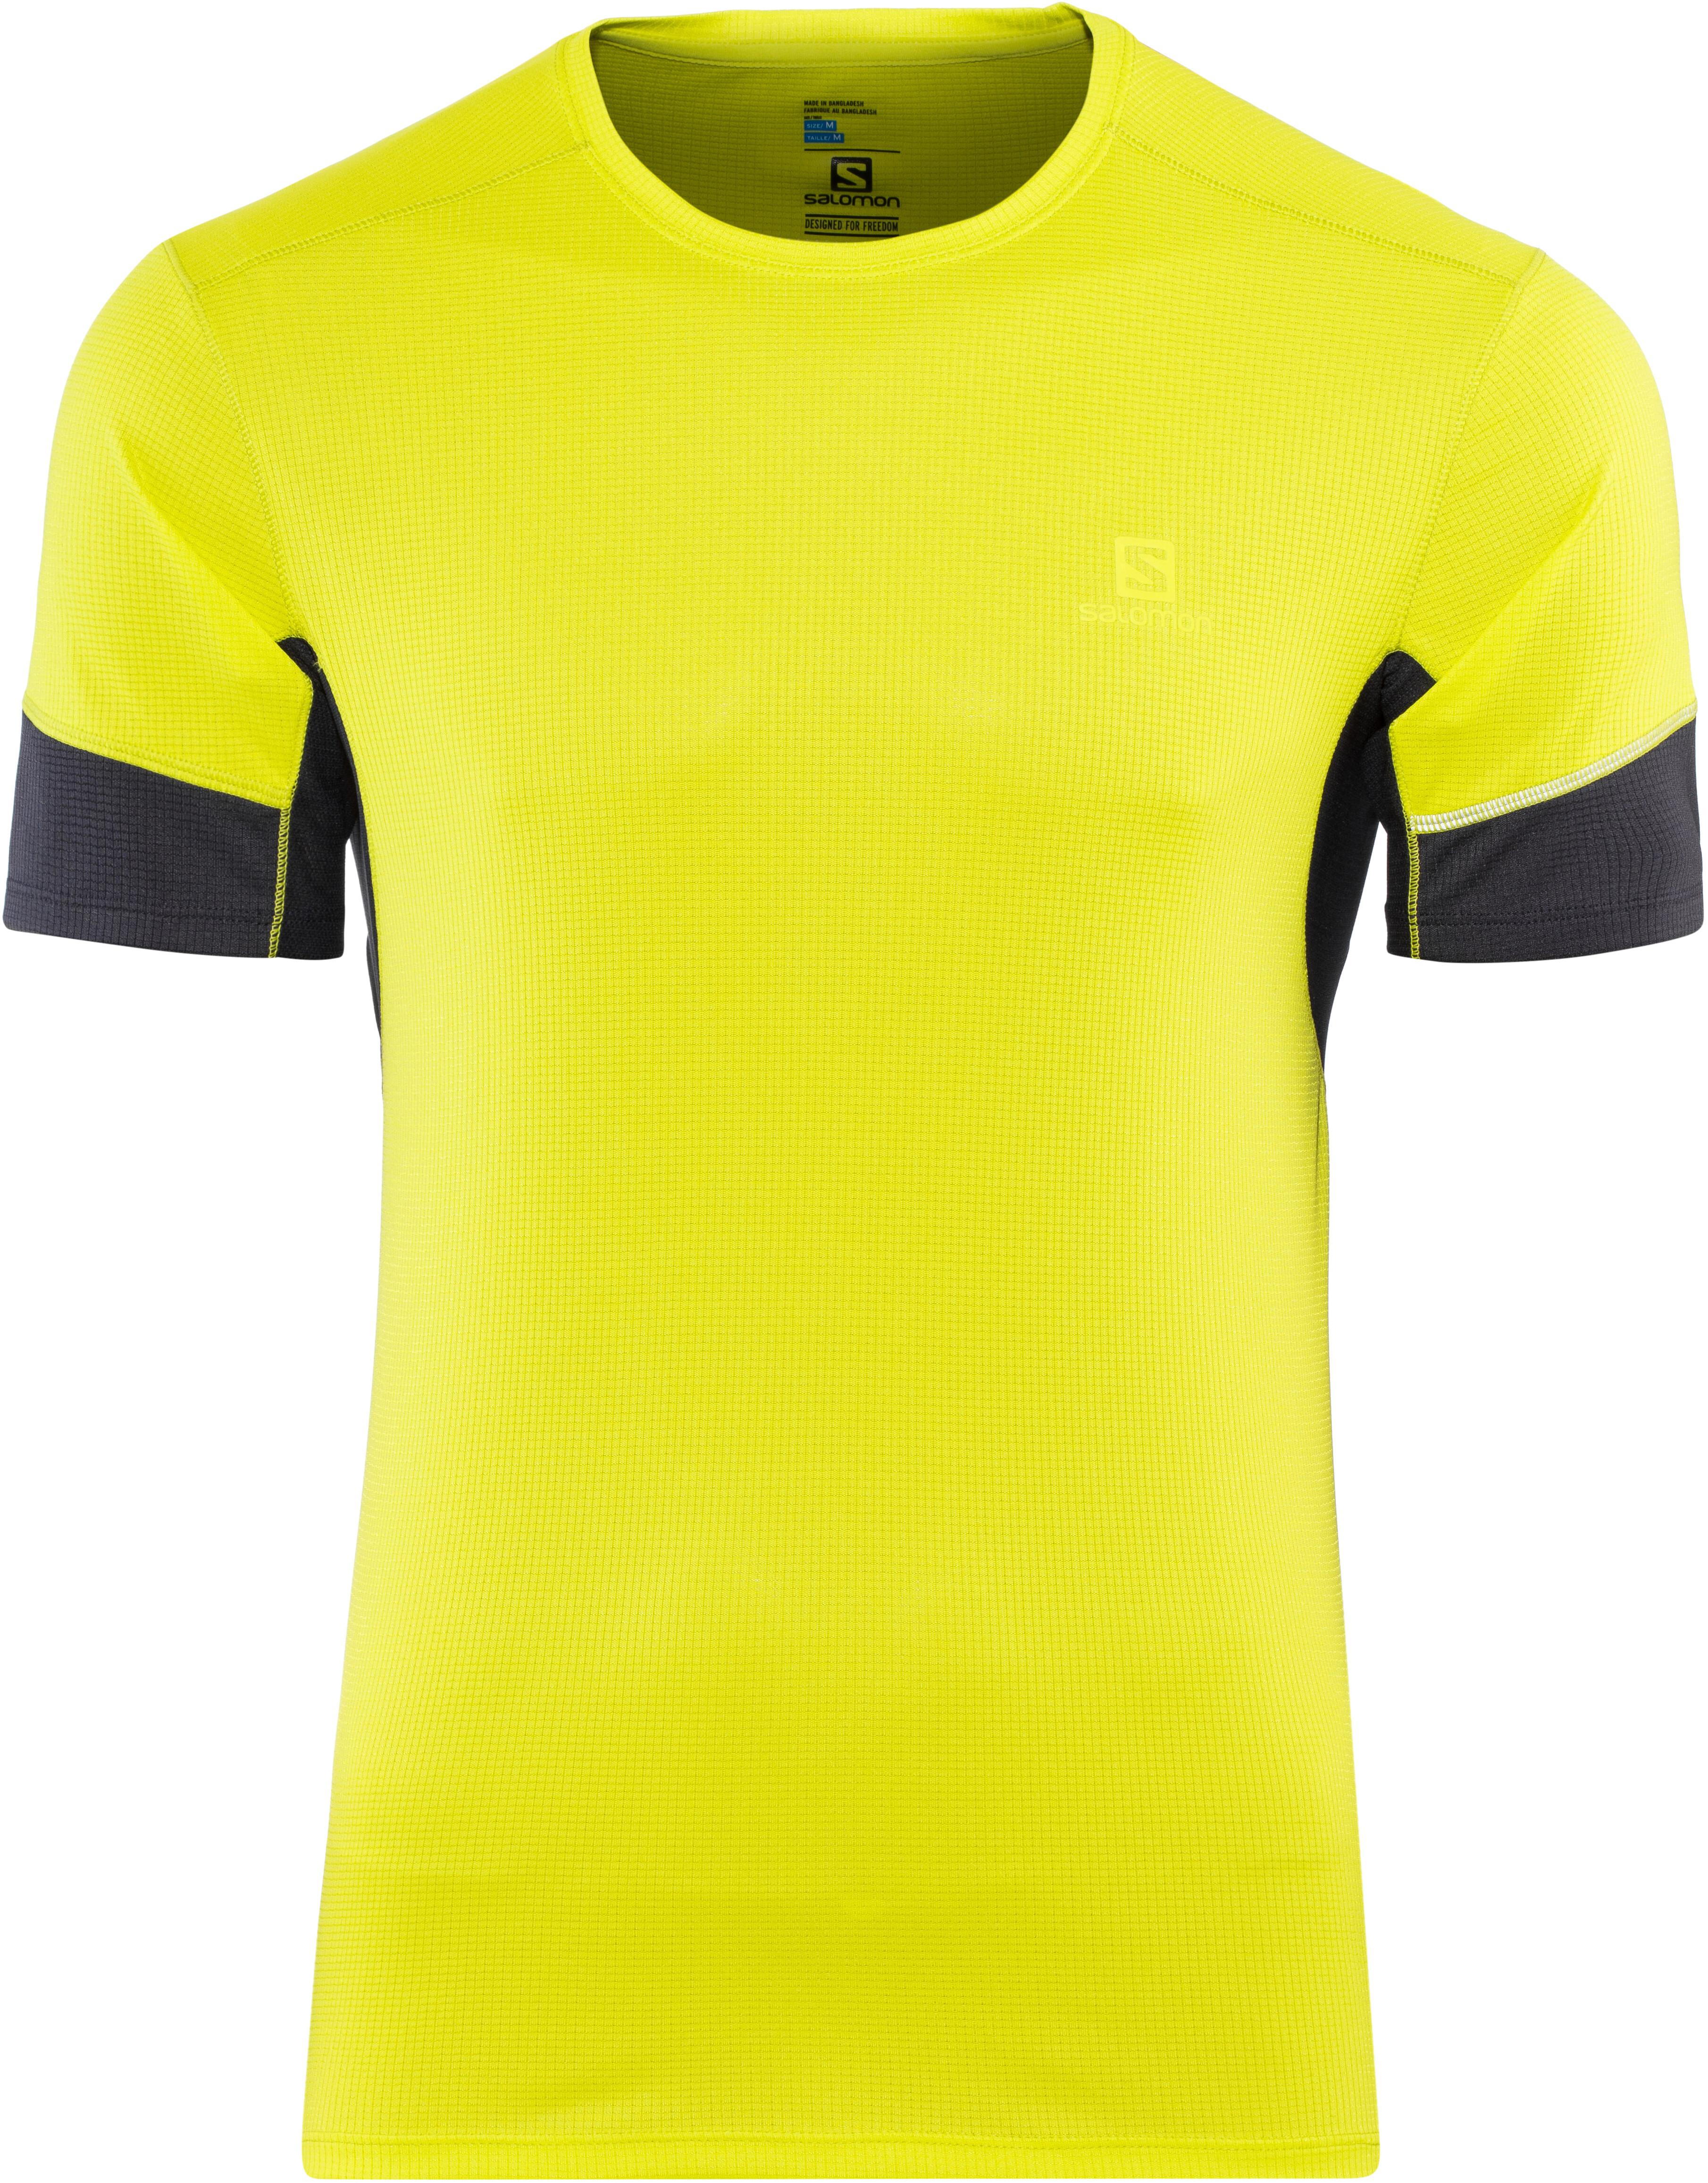 af73bba4b19 Salomon Agile Hardloopshirt korte mouwen Heren geel l Outdoor winkel ...